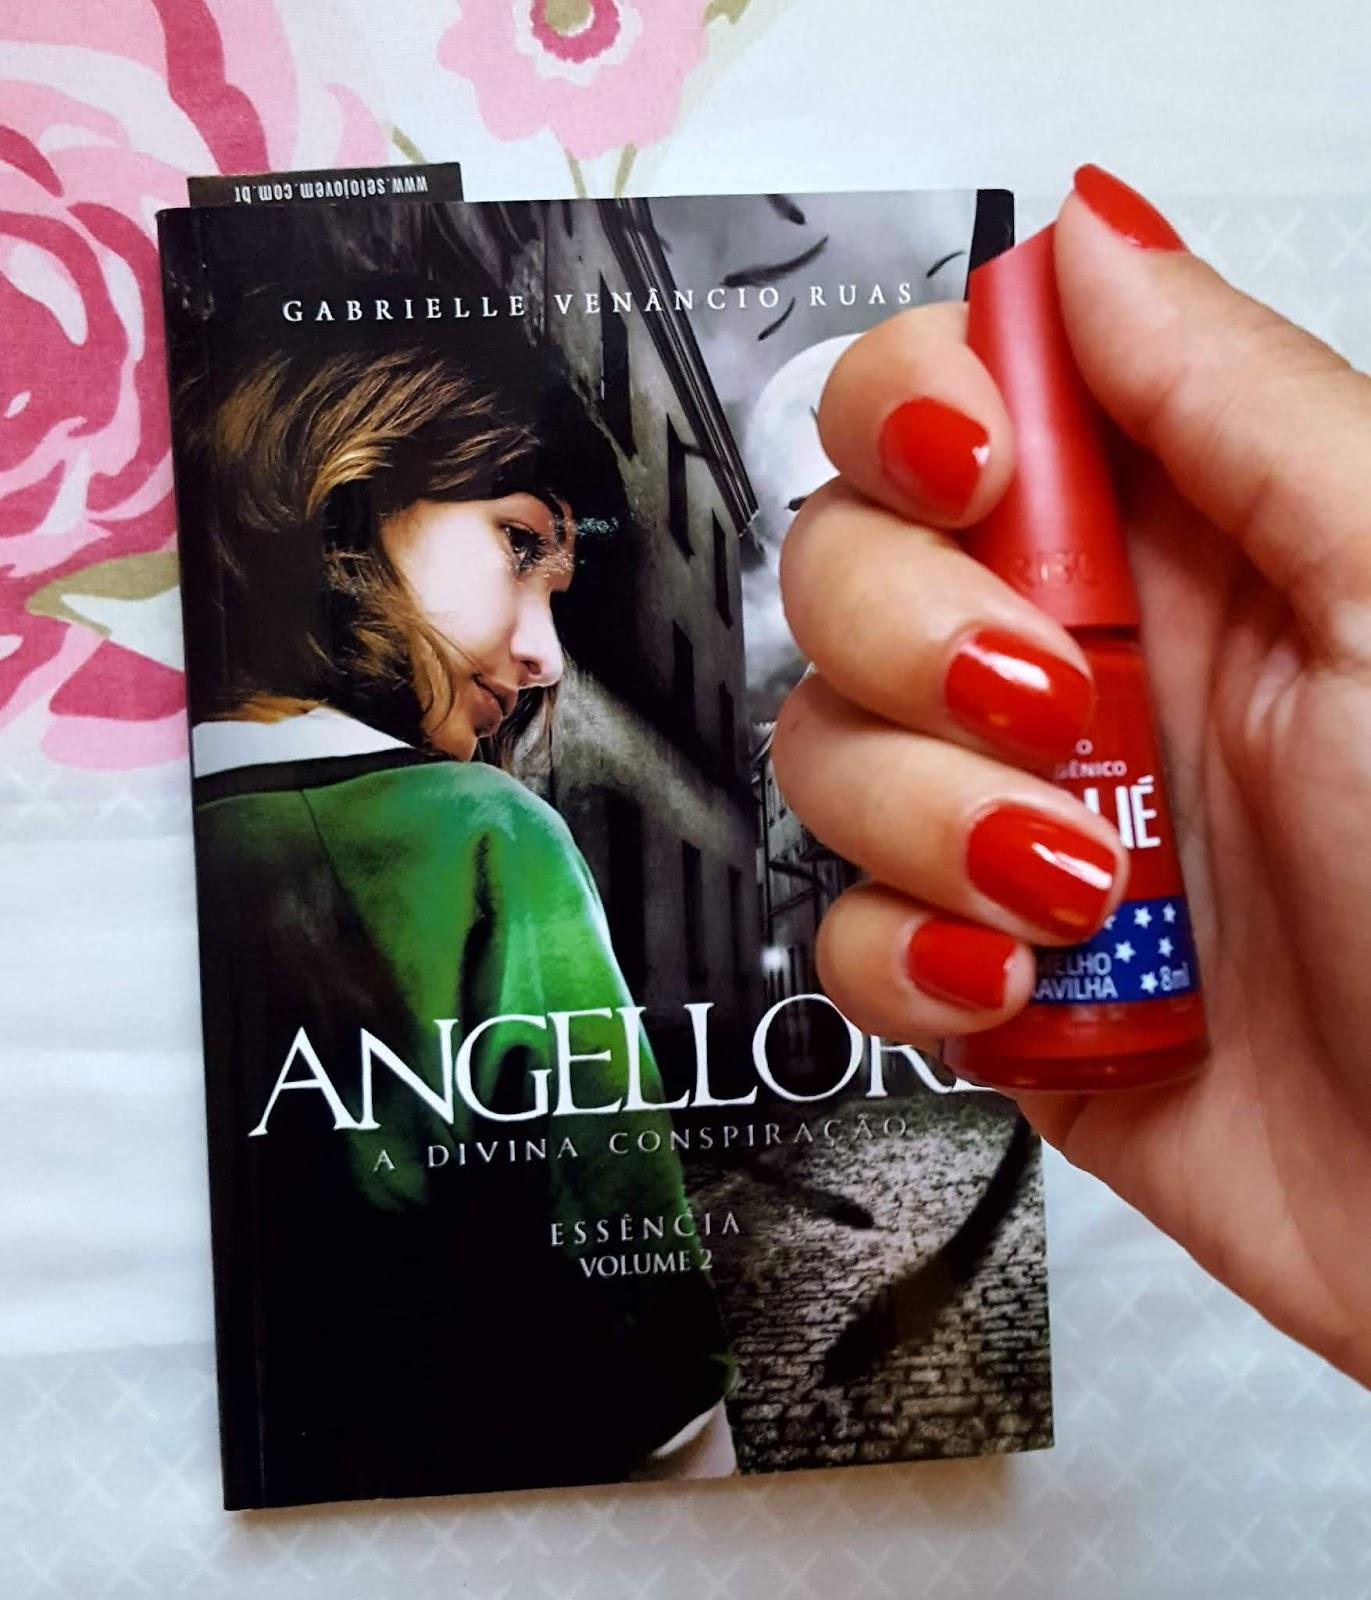 Angellore - Divina conspiração